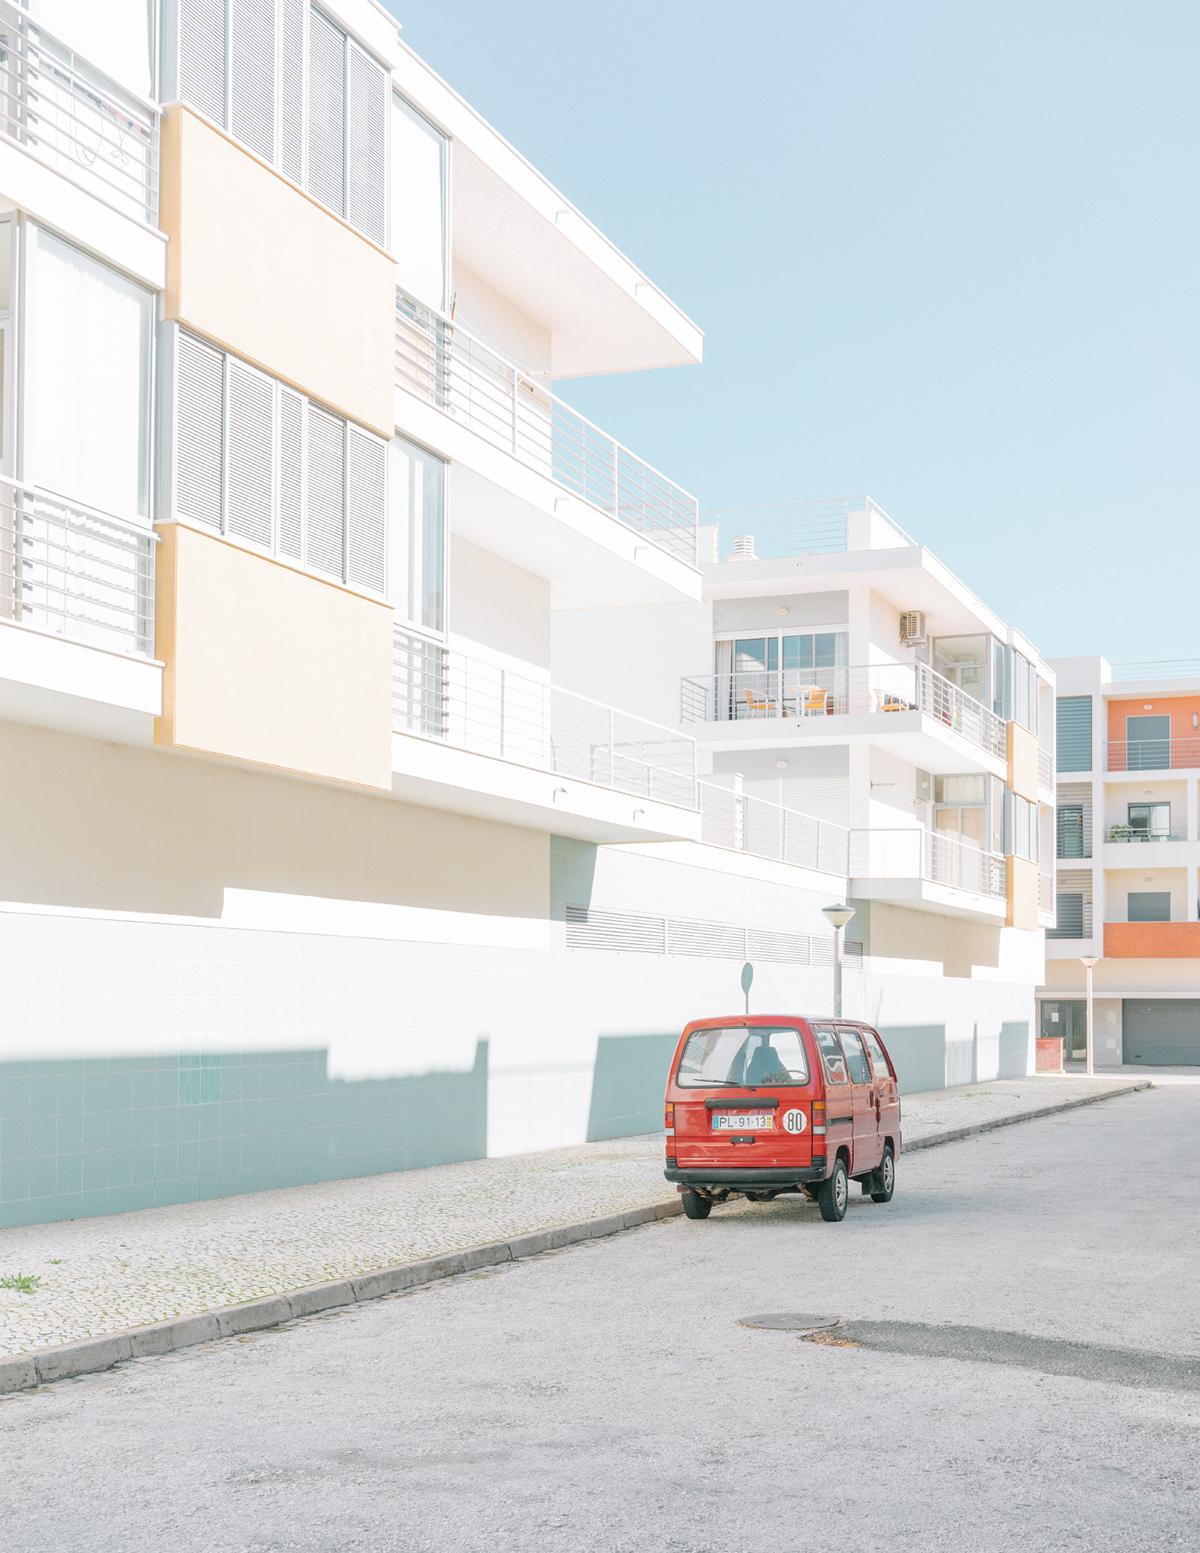 Colores y arquitectura de Matthias Heiderich 6